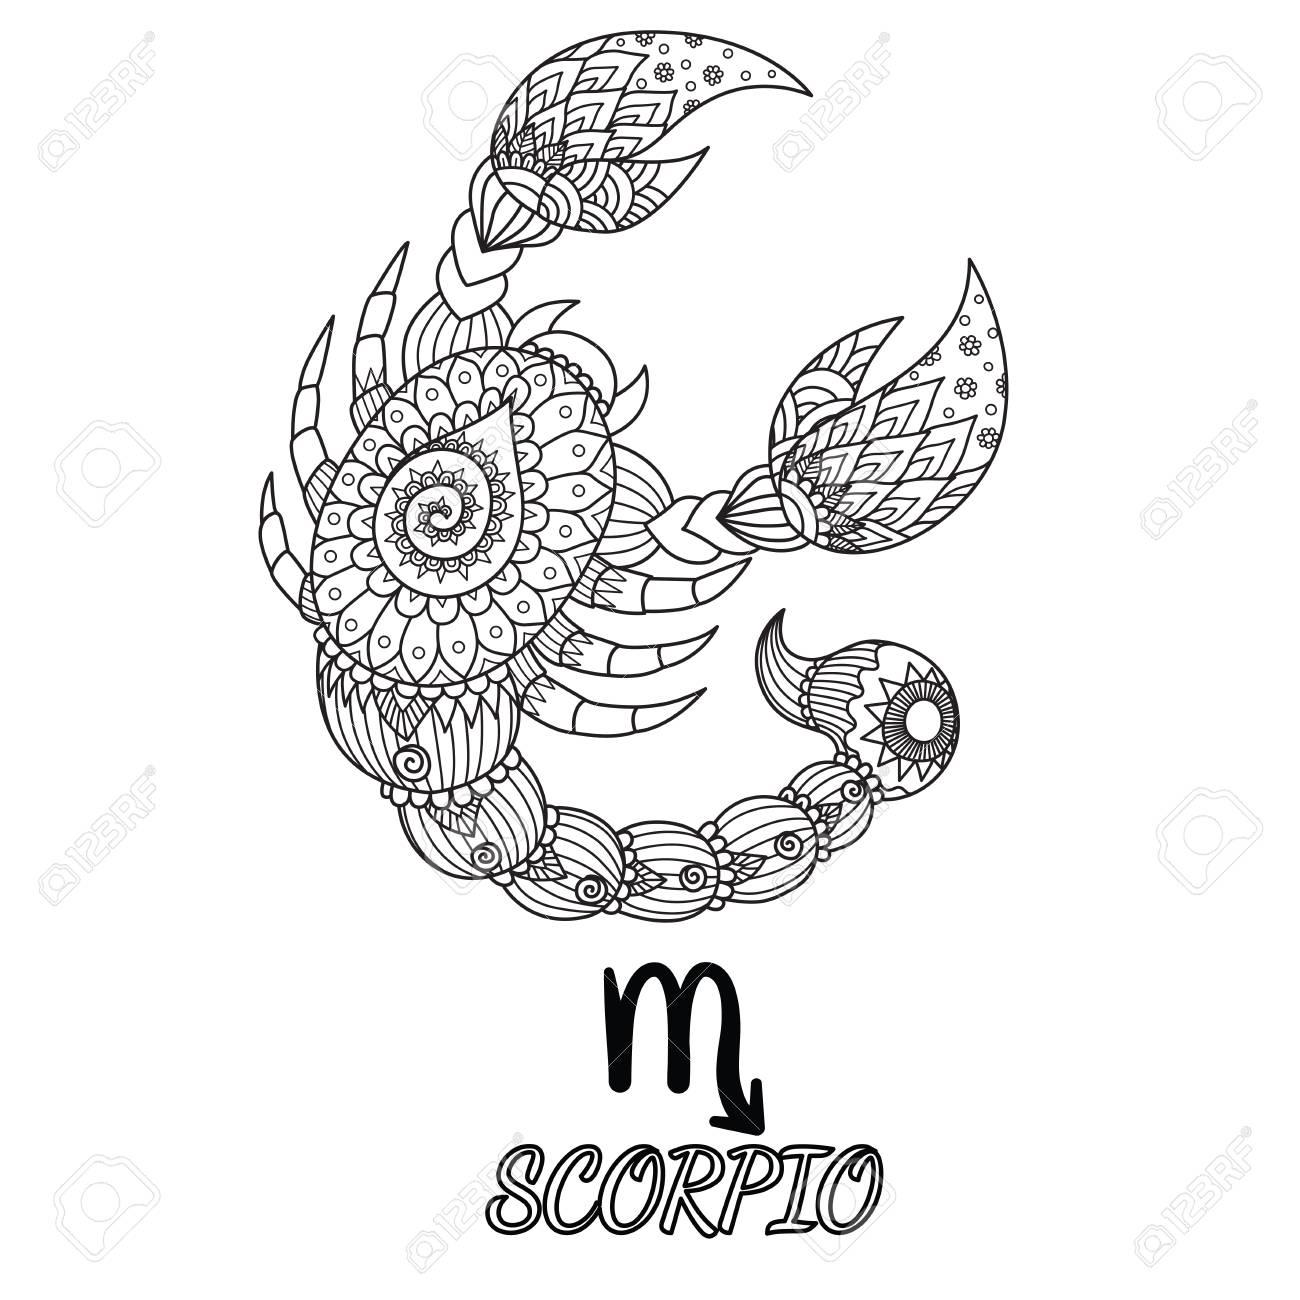 Diseño De Doodle Zen De Signo Del Zodiaco De Escorpio Para El Elemento De Diseño Y La Página De Libro Para Colorear De Adultos Stock Vector